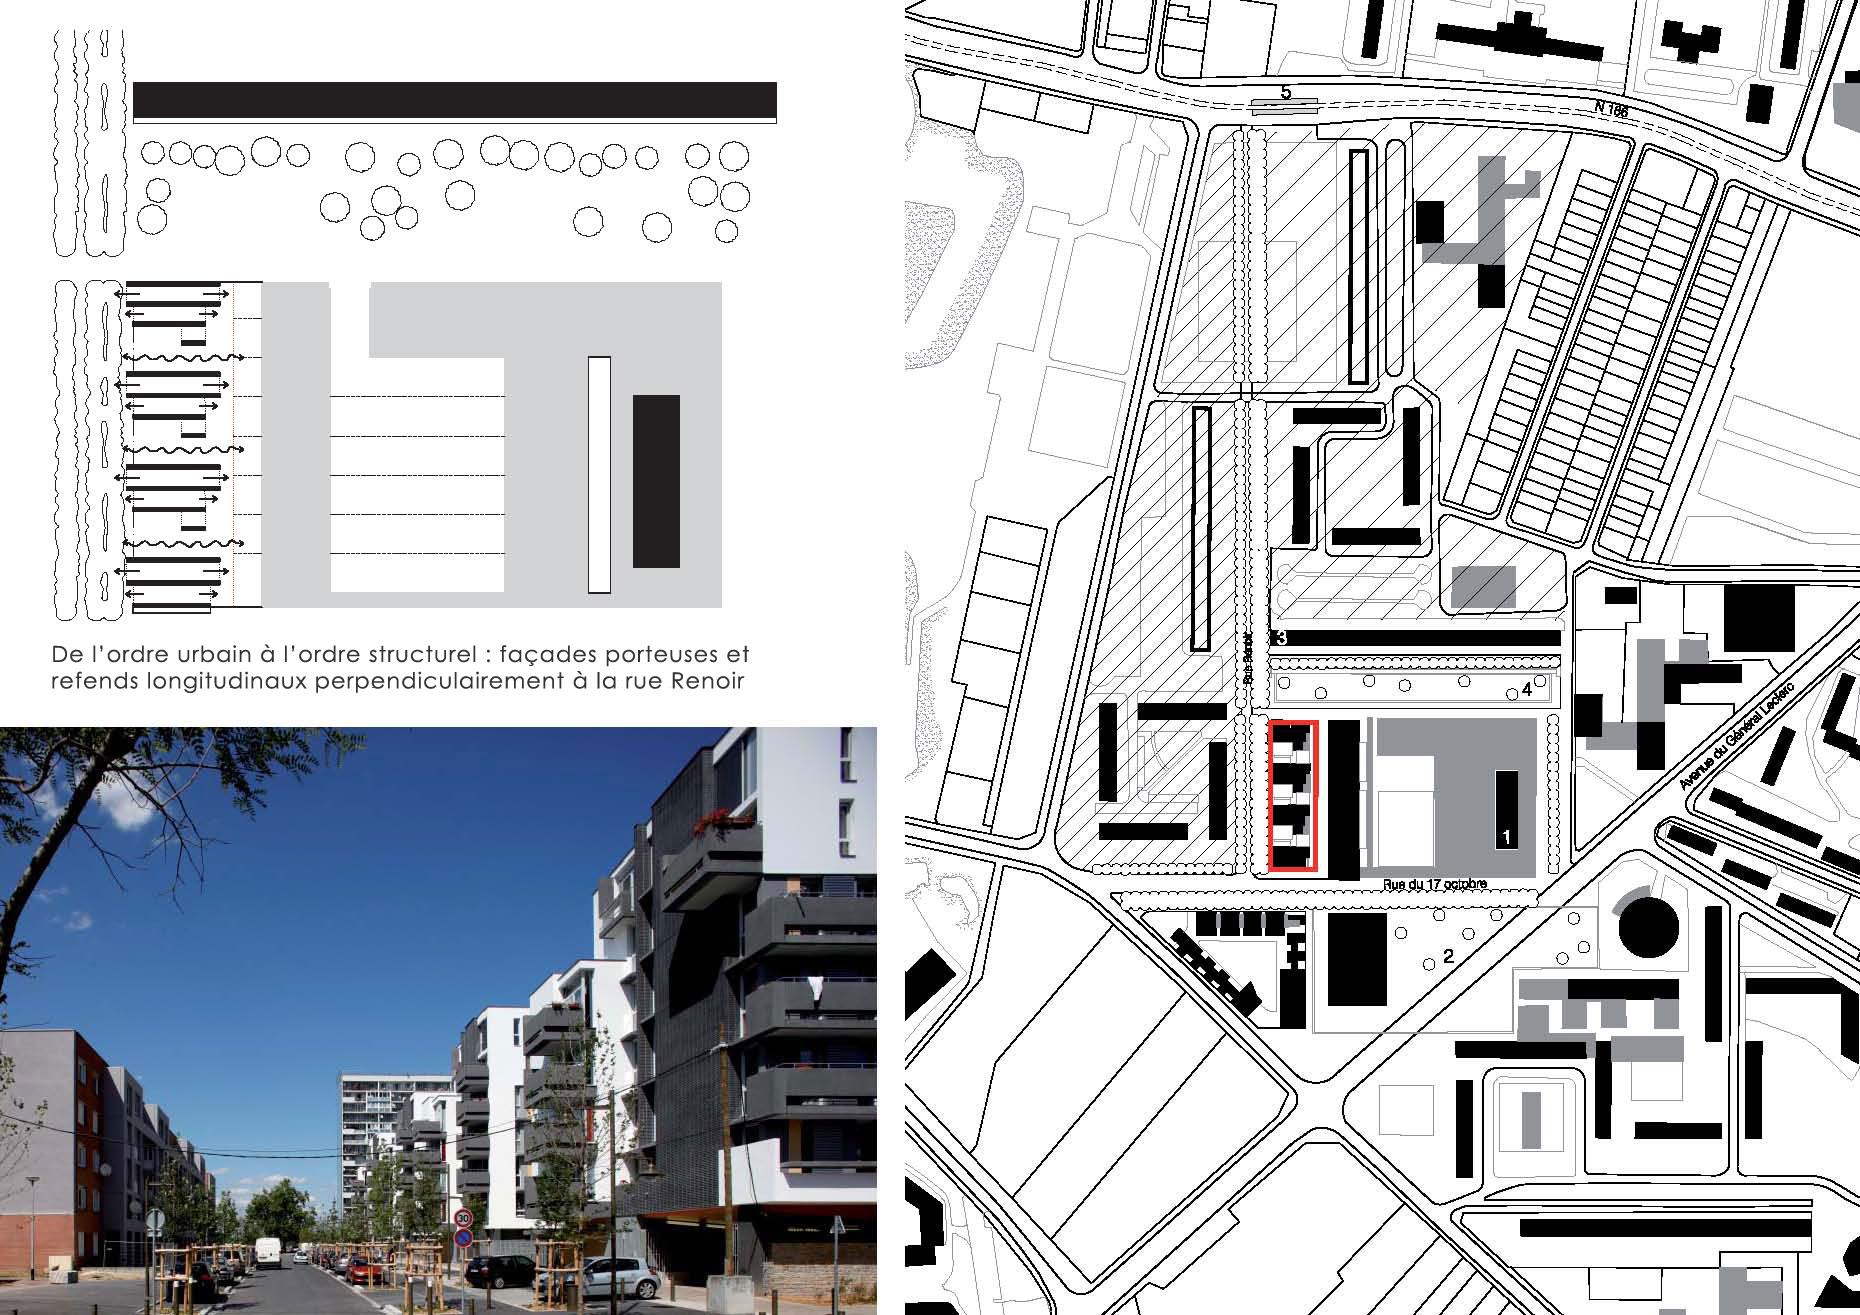 Une Typologie d'immeubles à cours ouvertes